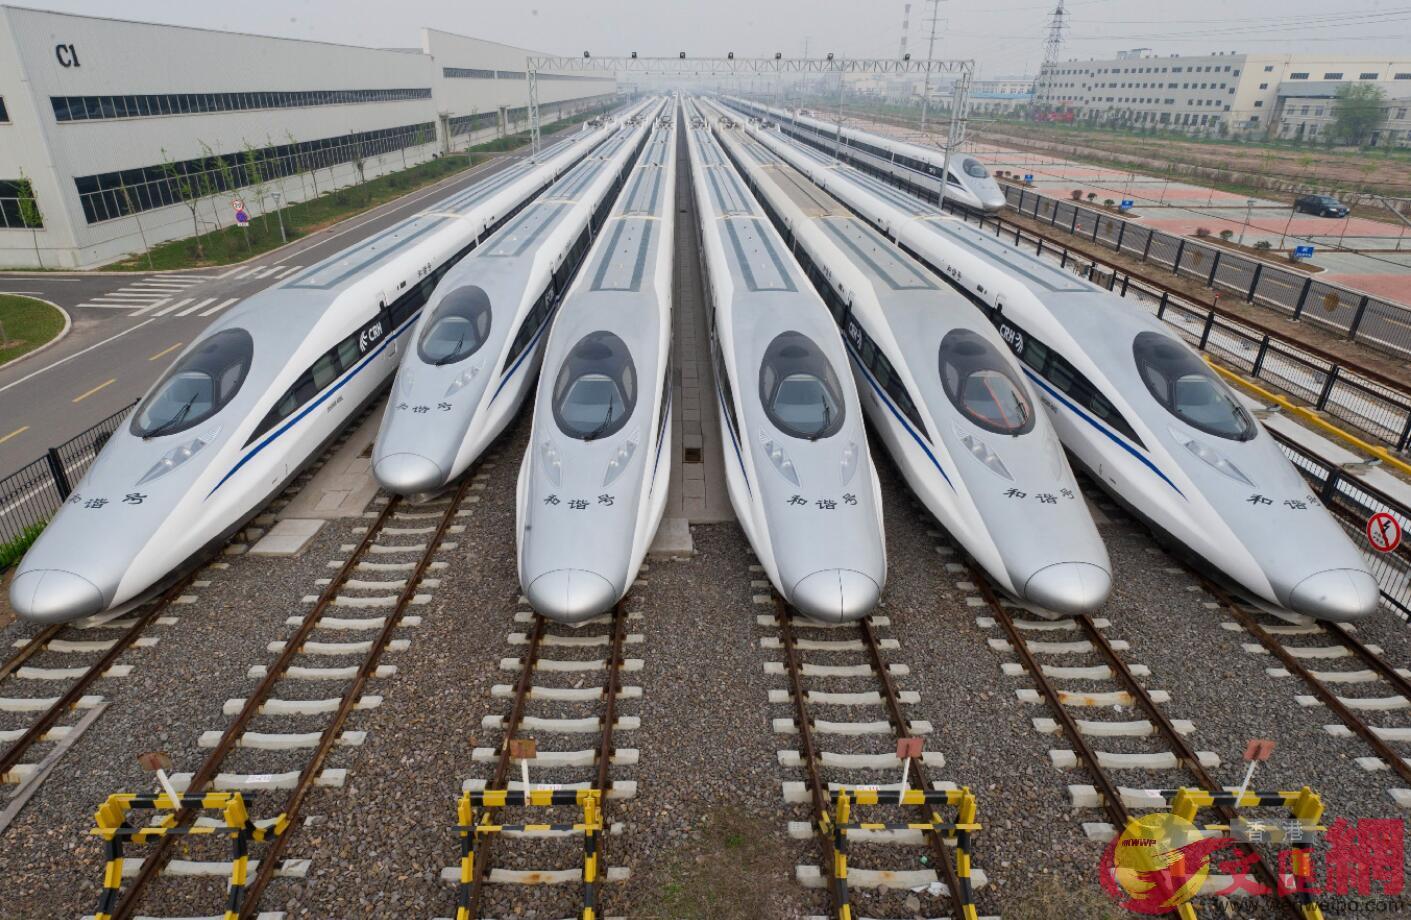 2014年春運前,青島製造的高速動車組準備出廠投入運營。